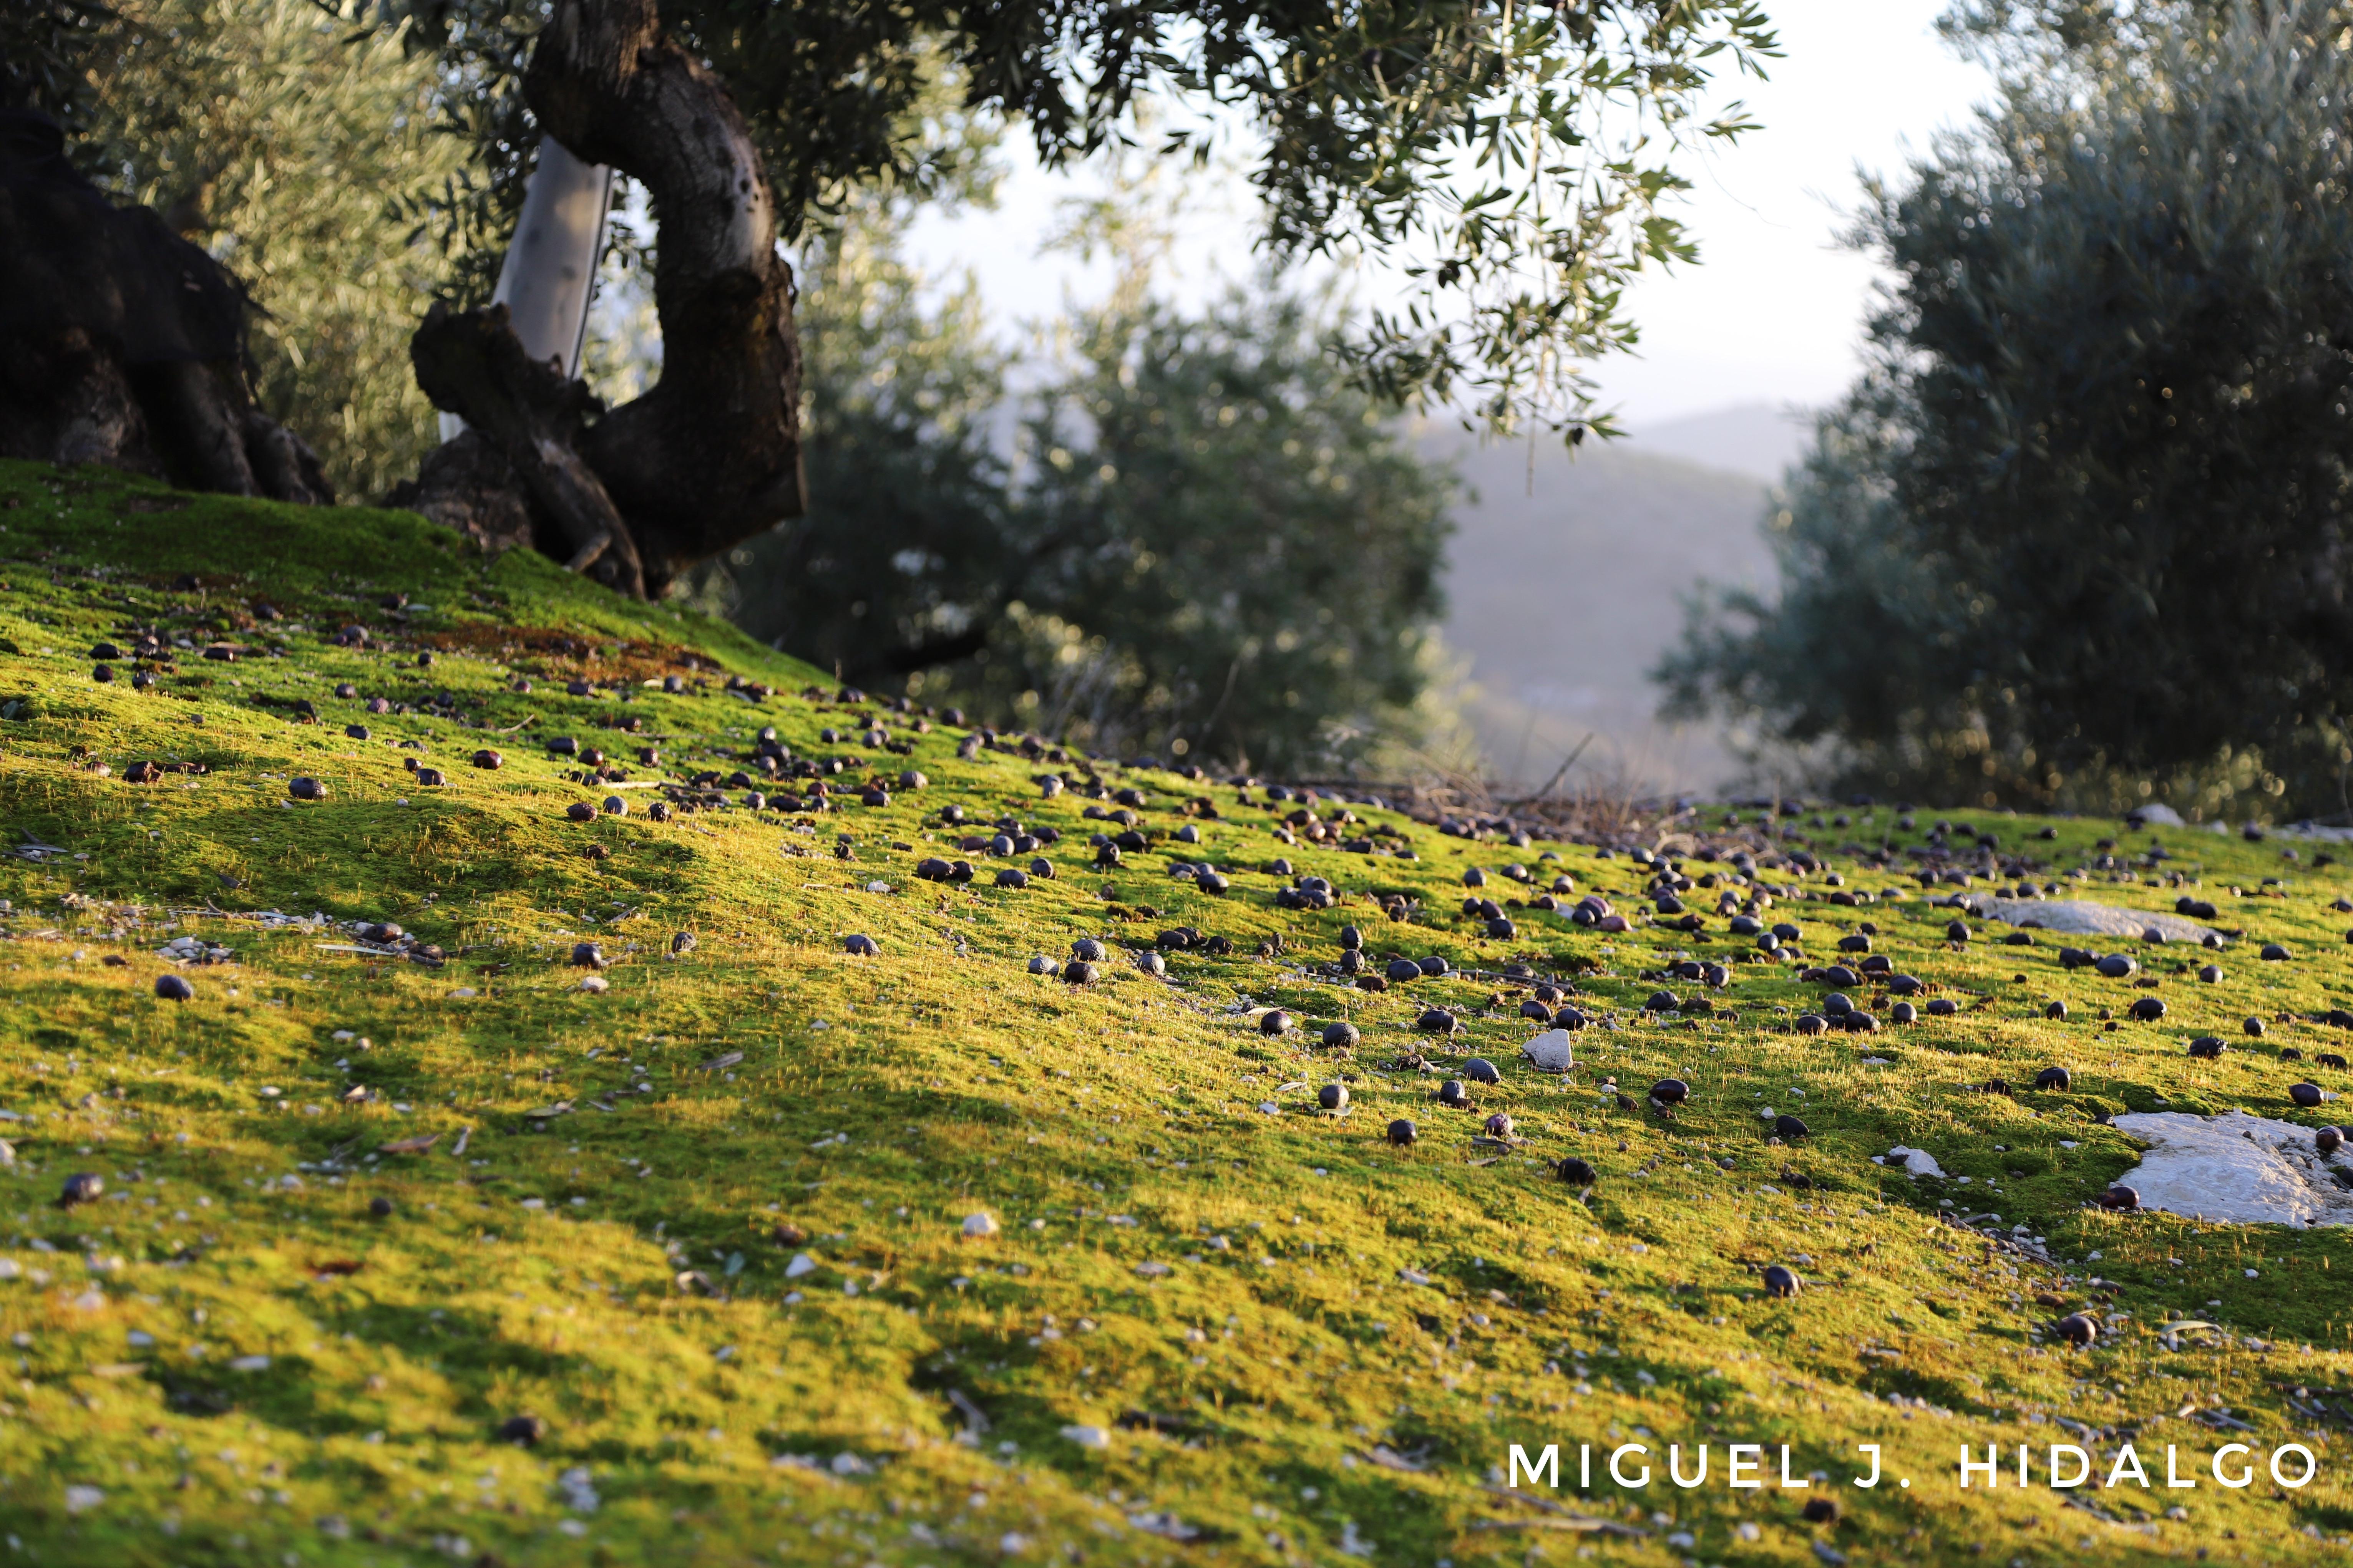 Olivo viejo de montaña, dondo las aceituna ya estan caidas por los suelos.